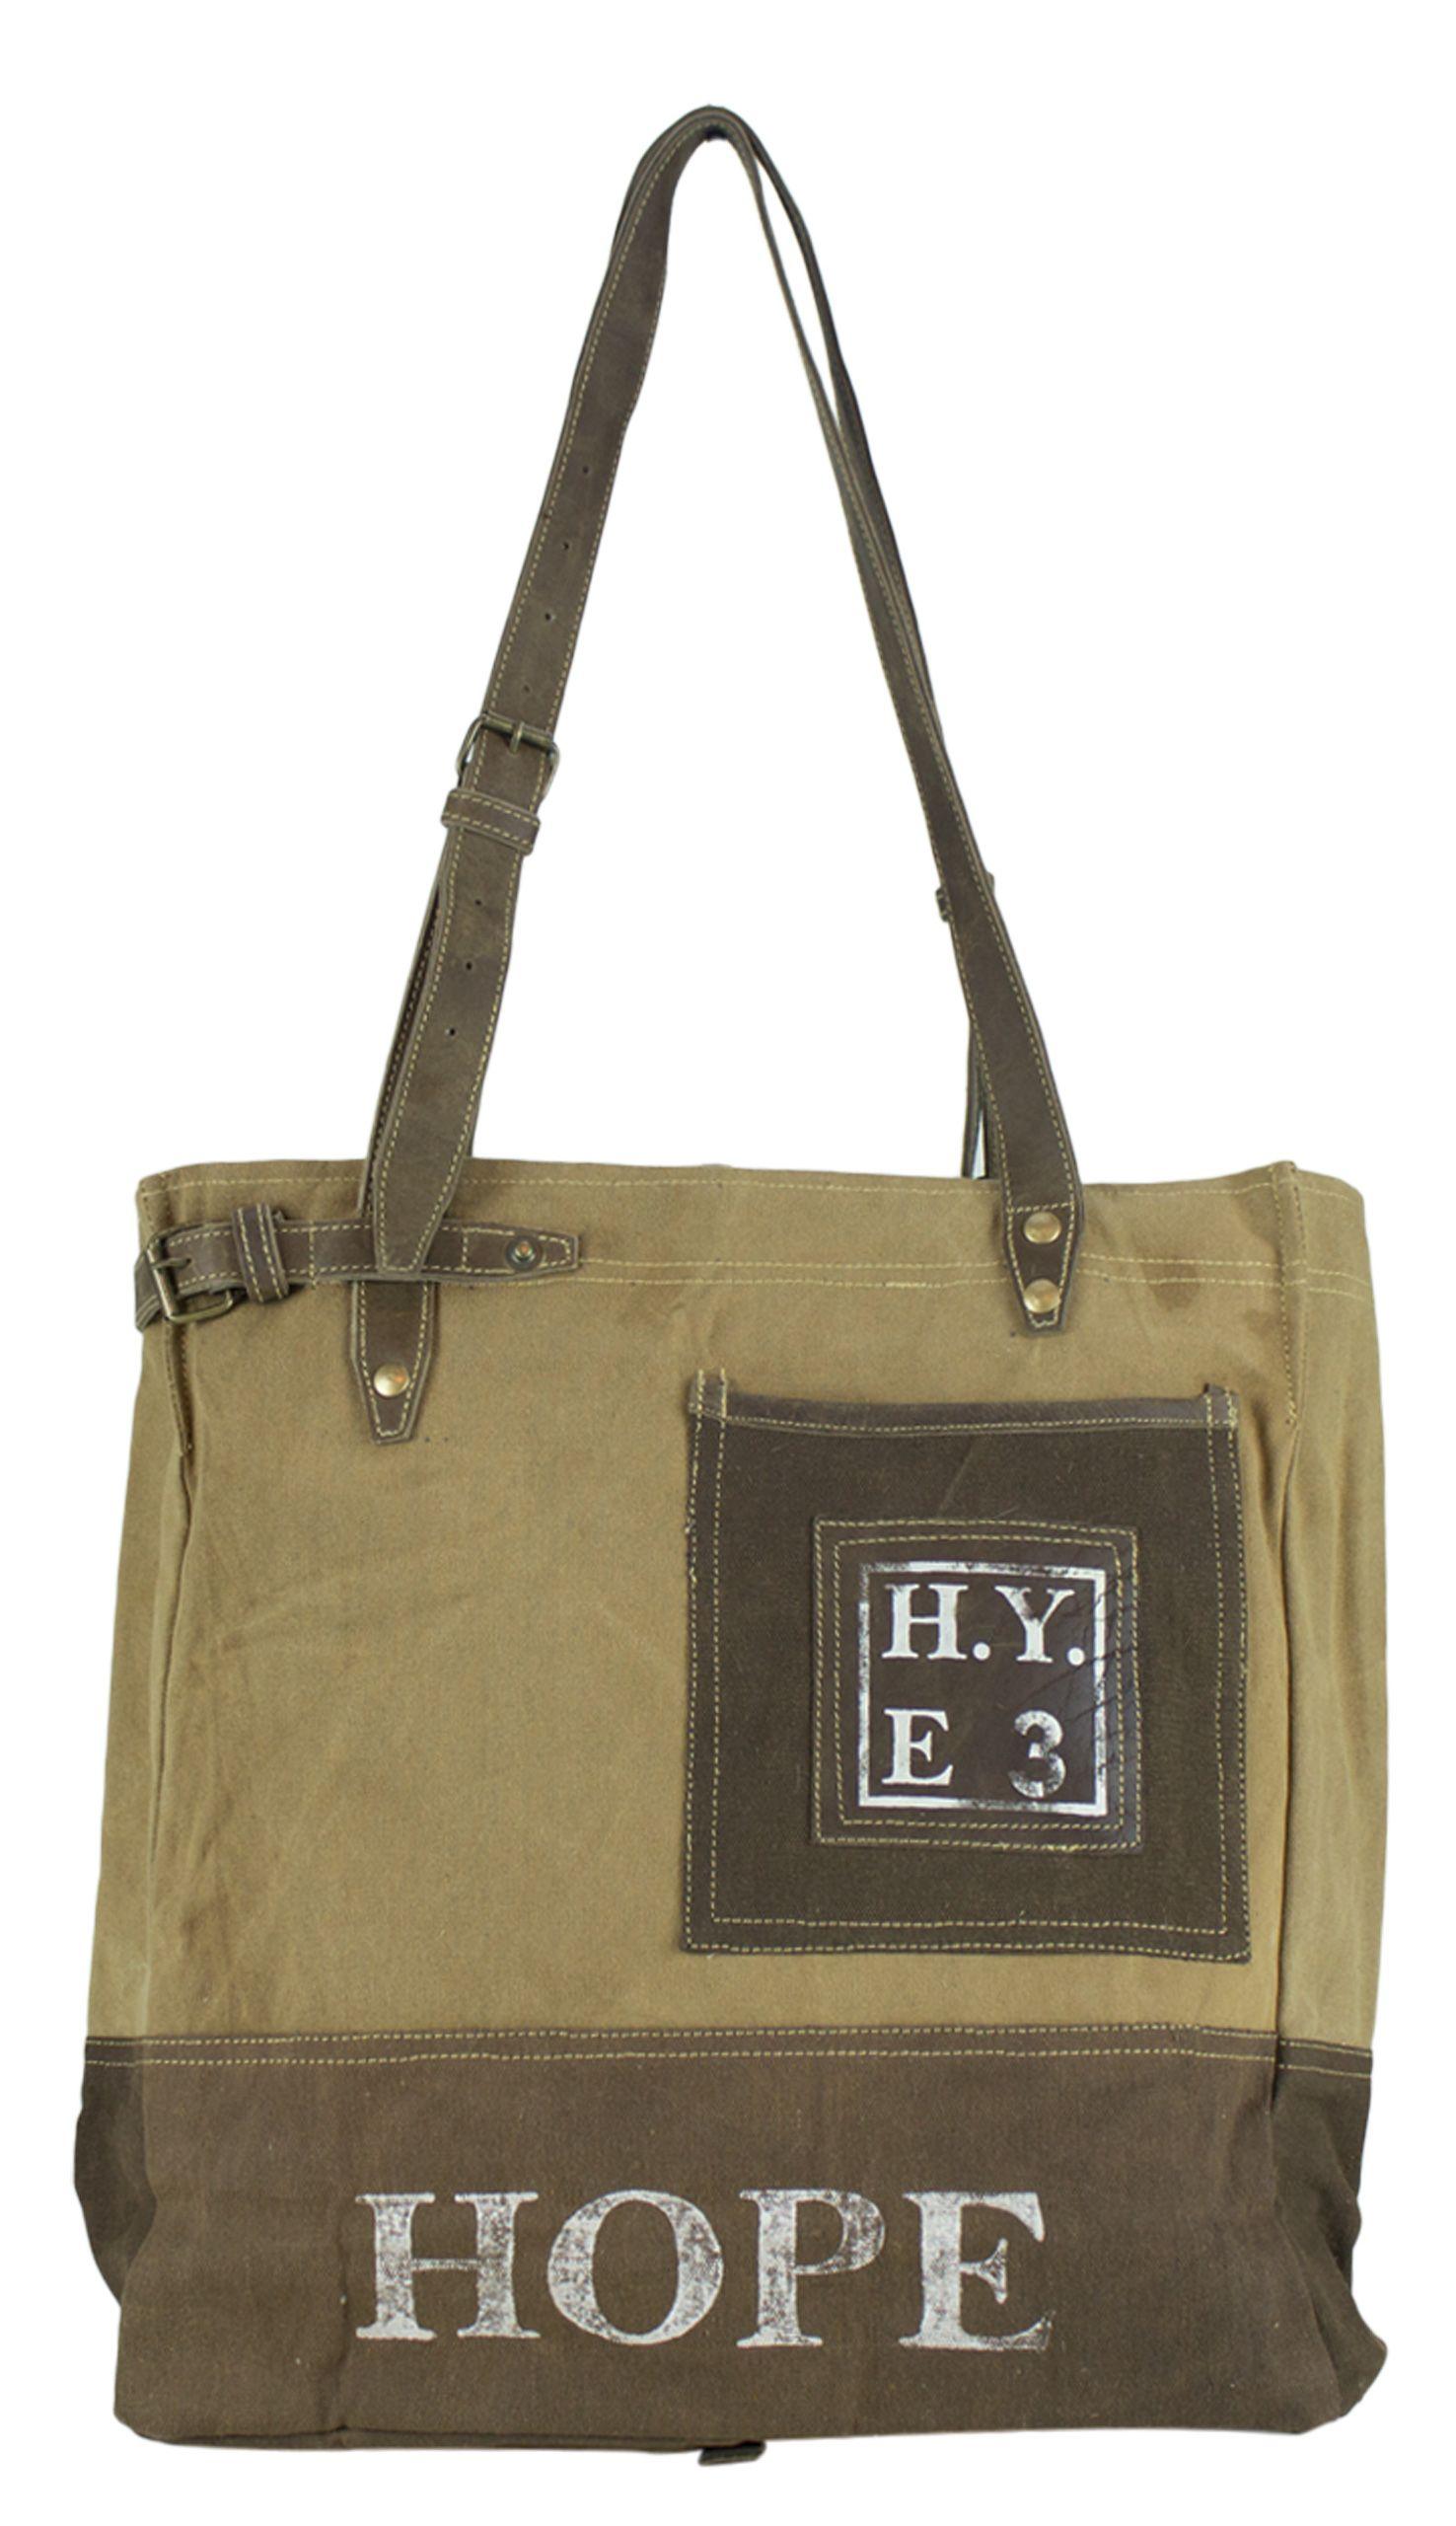 a6f0e49ebe9d1 hellbraune   dunkelbraune HOPE Tasche Schultertasche Handtasche Shopper aus  Canvas  Segeltuch von SUNSA in Vintage Optik.